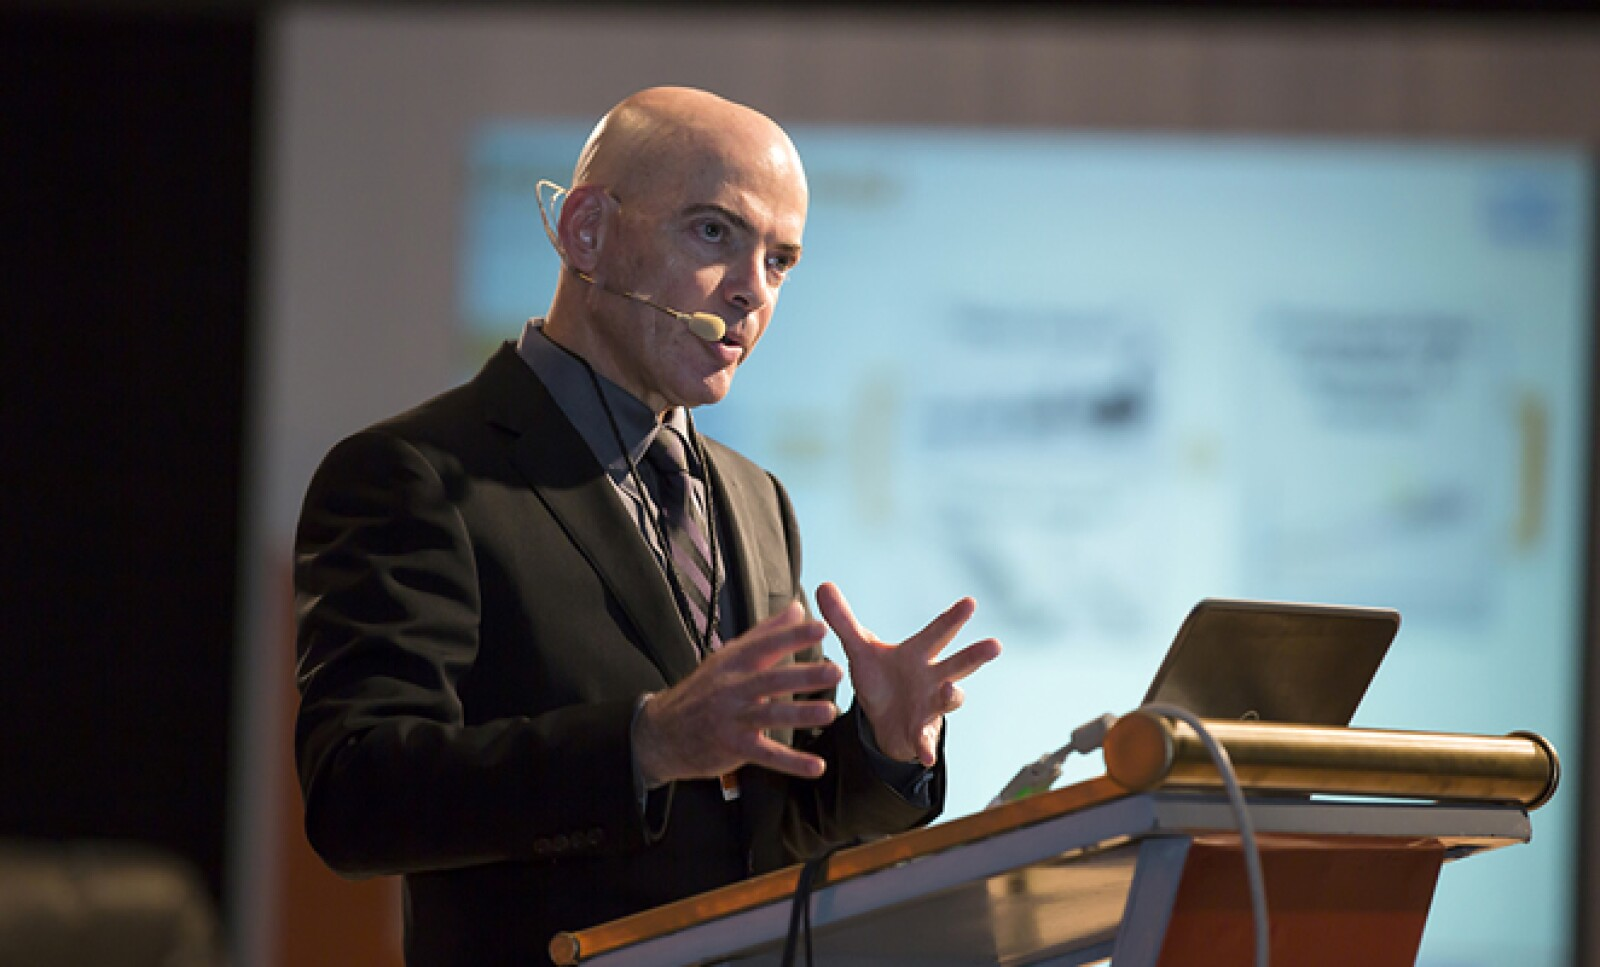 Daniel Gold, exdirector de Investigación y Desarrollo de la Defensa en Israel, dijo que su país ha desarrollado tecnología a partir del conflicto palestino-israelí.